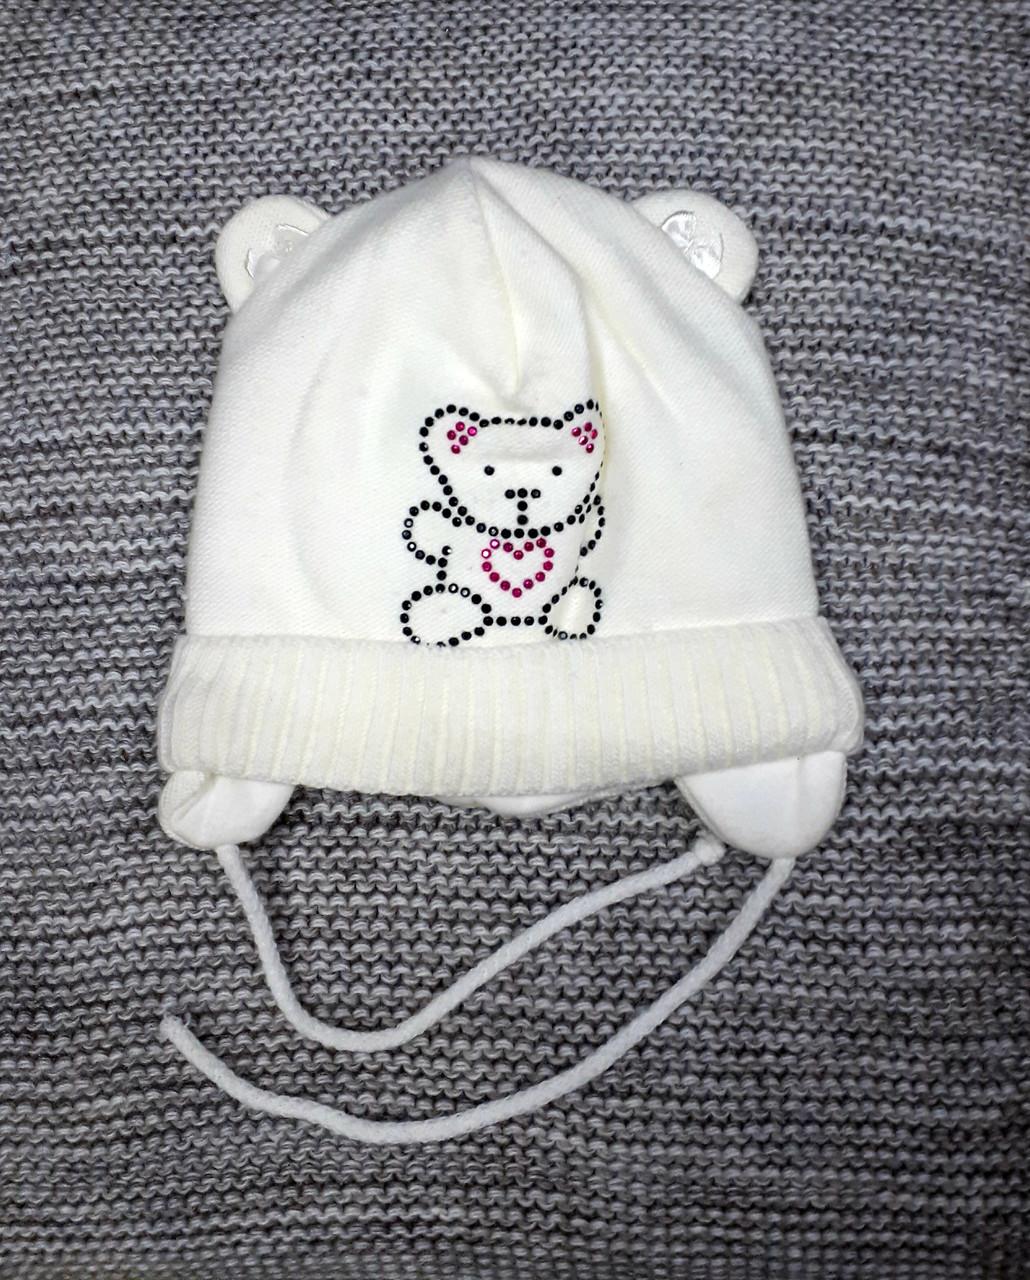 Шапка детская  на девочку весна-осень молочного цвета MAGROF (Польша) размер 42 44